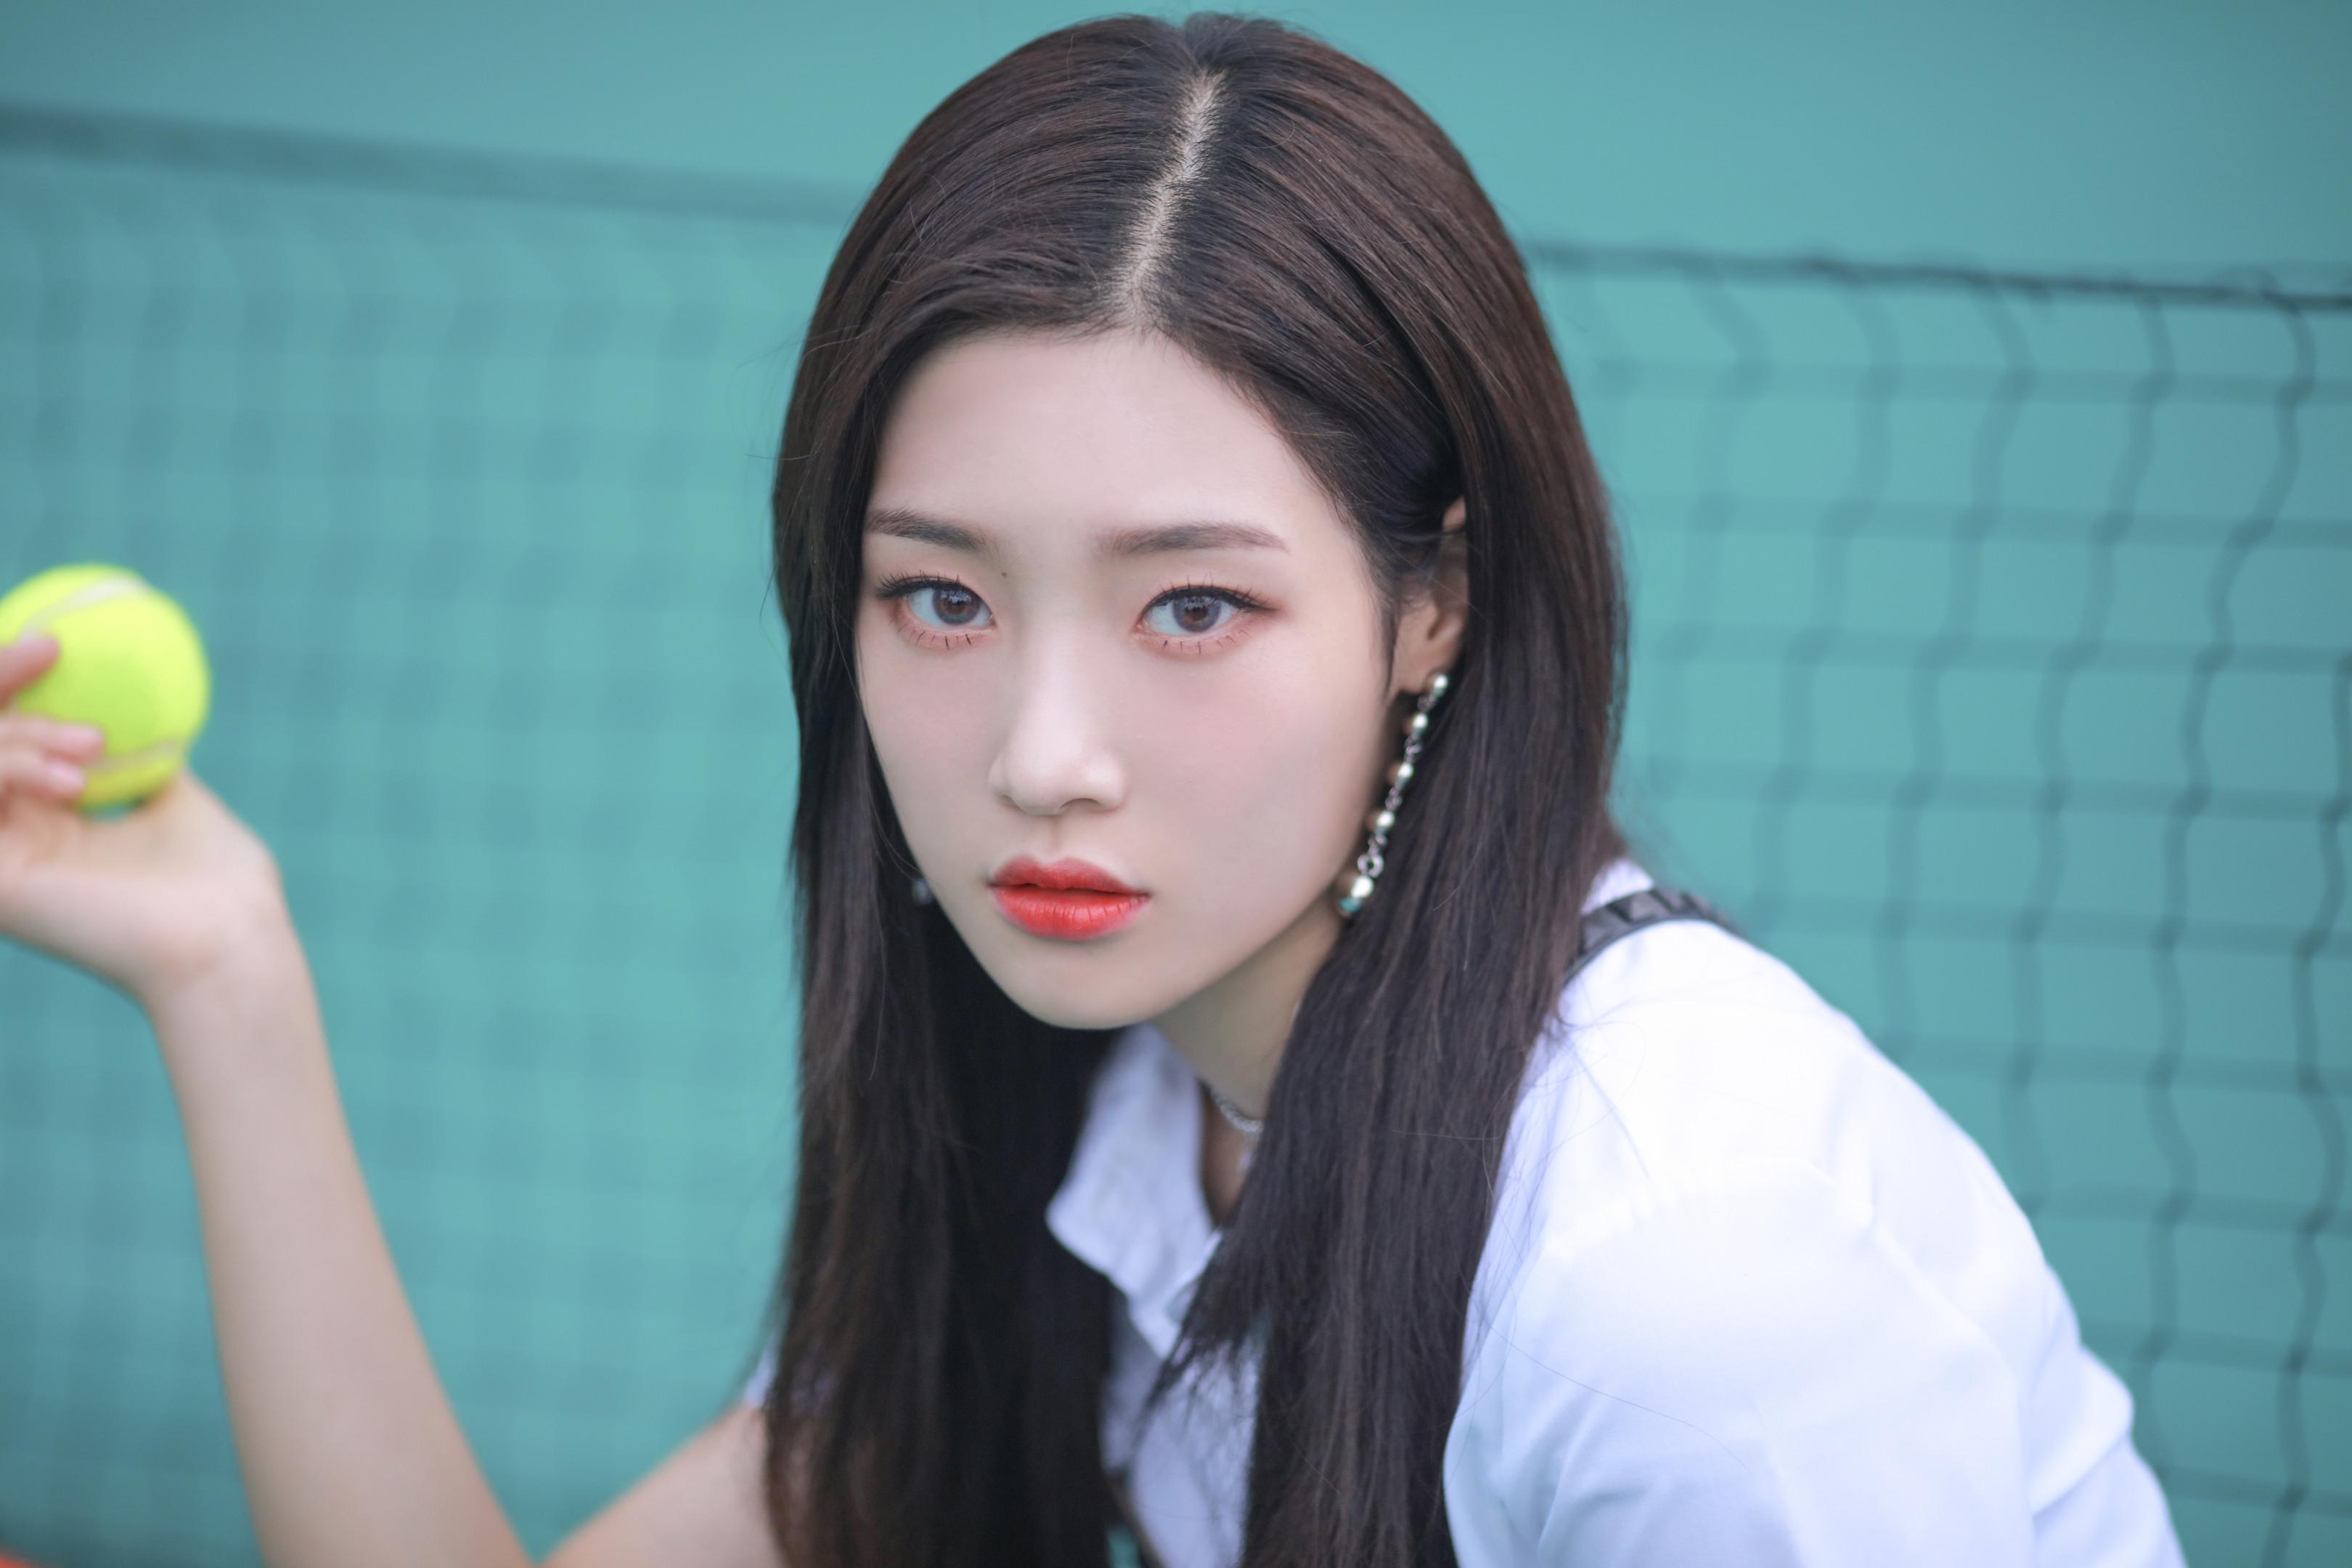 Kim seo hyung jong kook dating 3